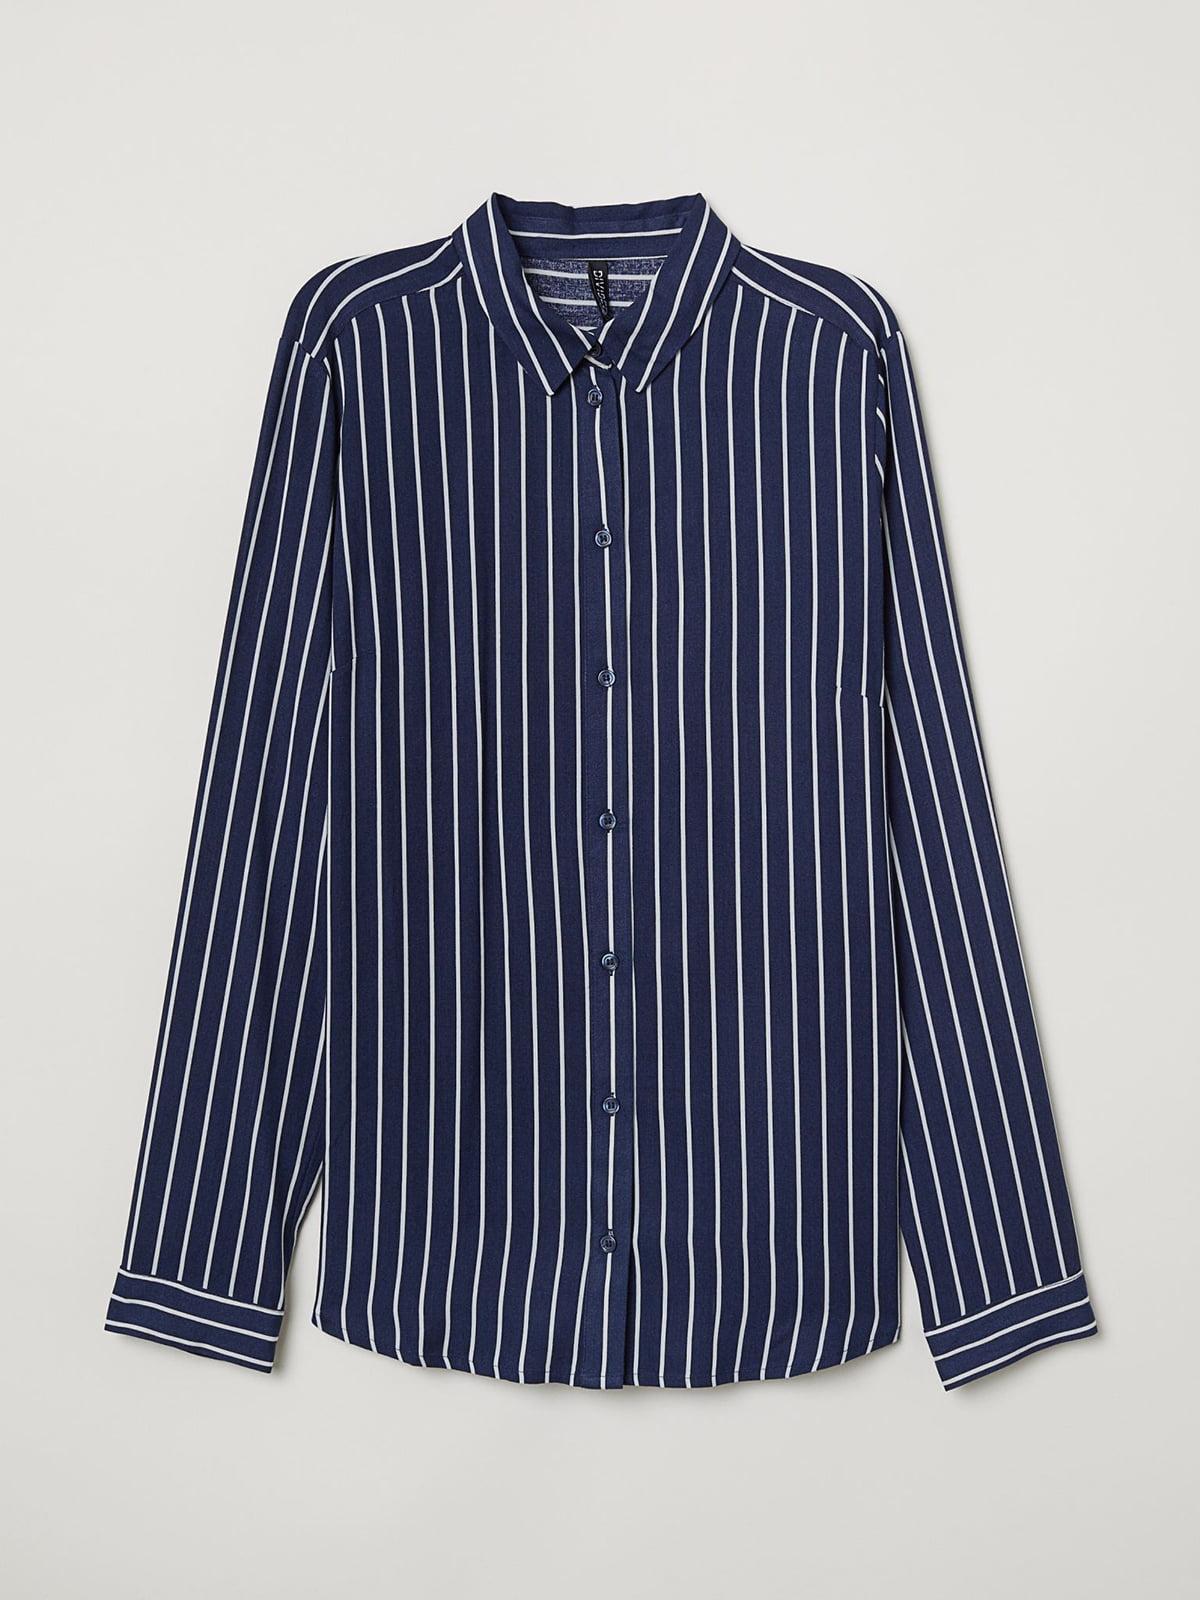 Рубашка темно-синяя в полоску | 5677229